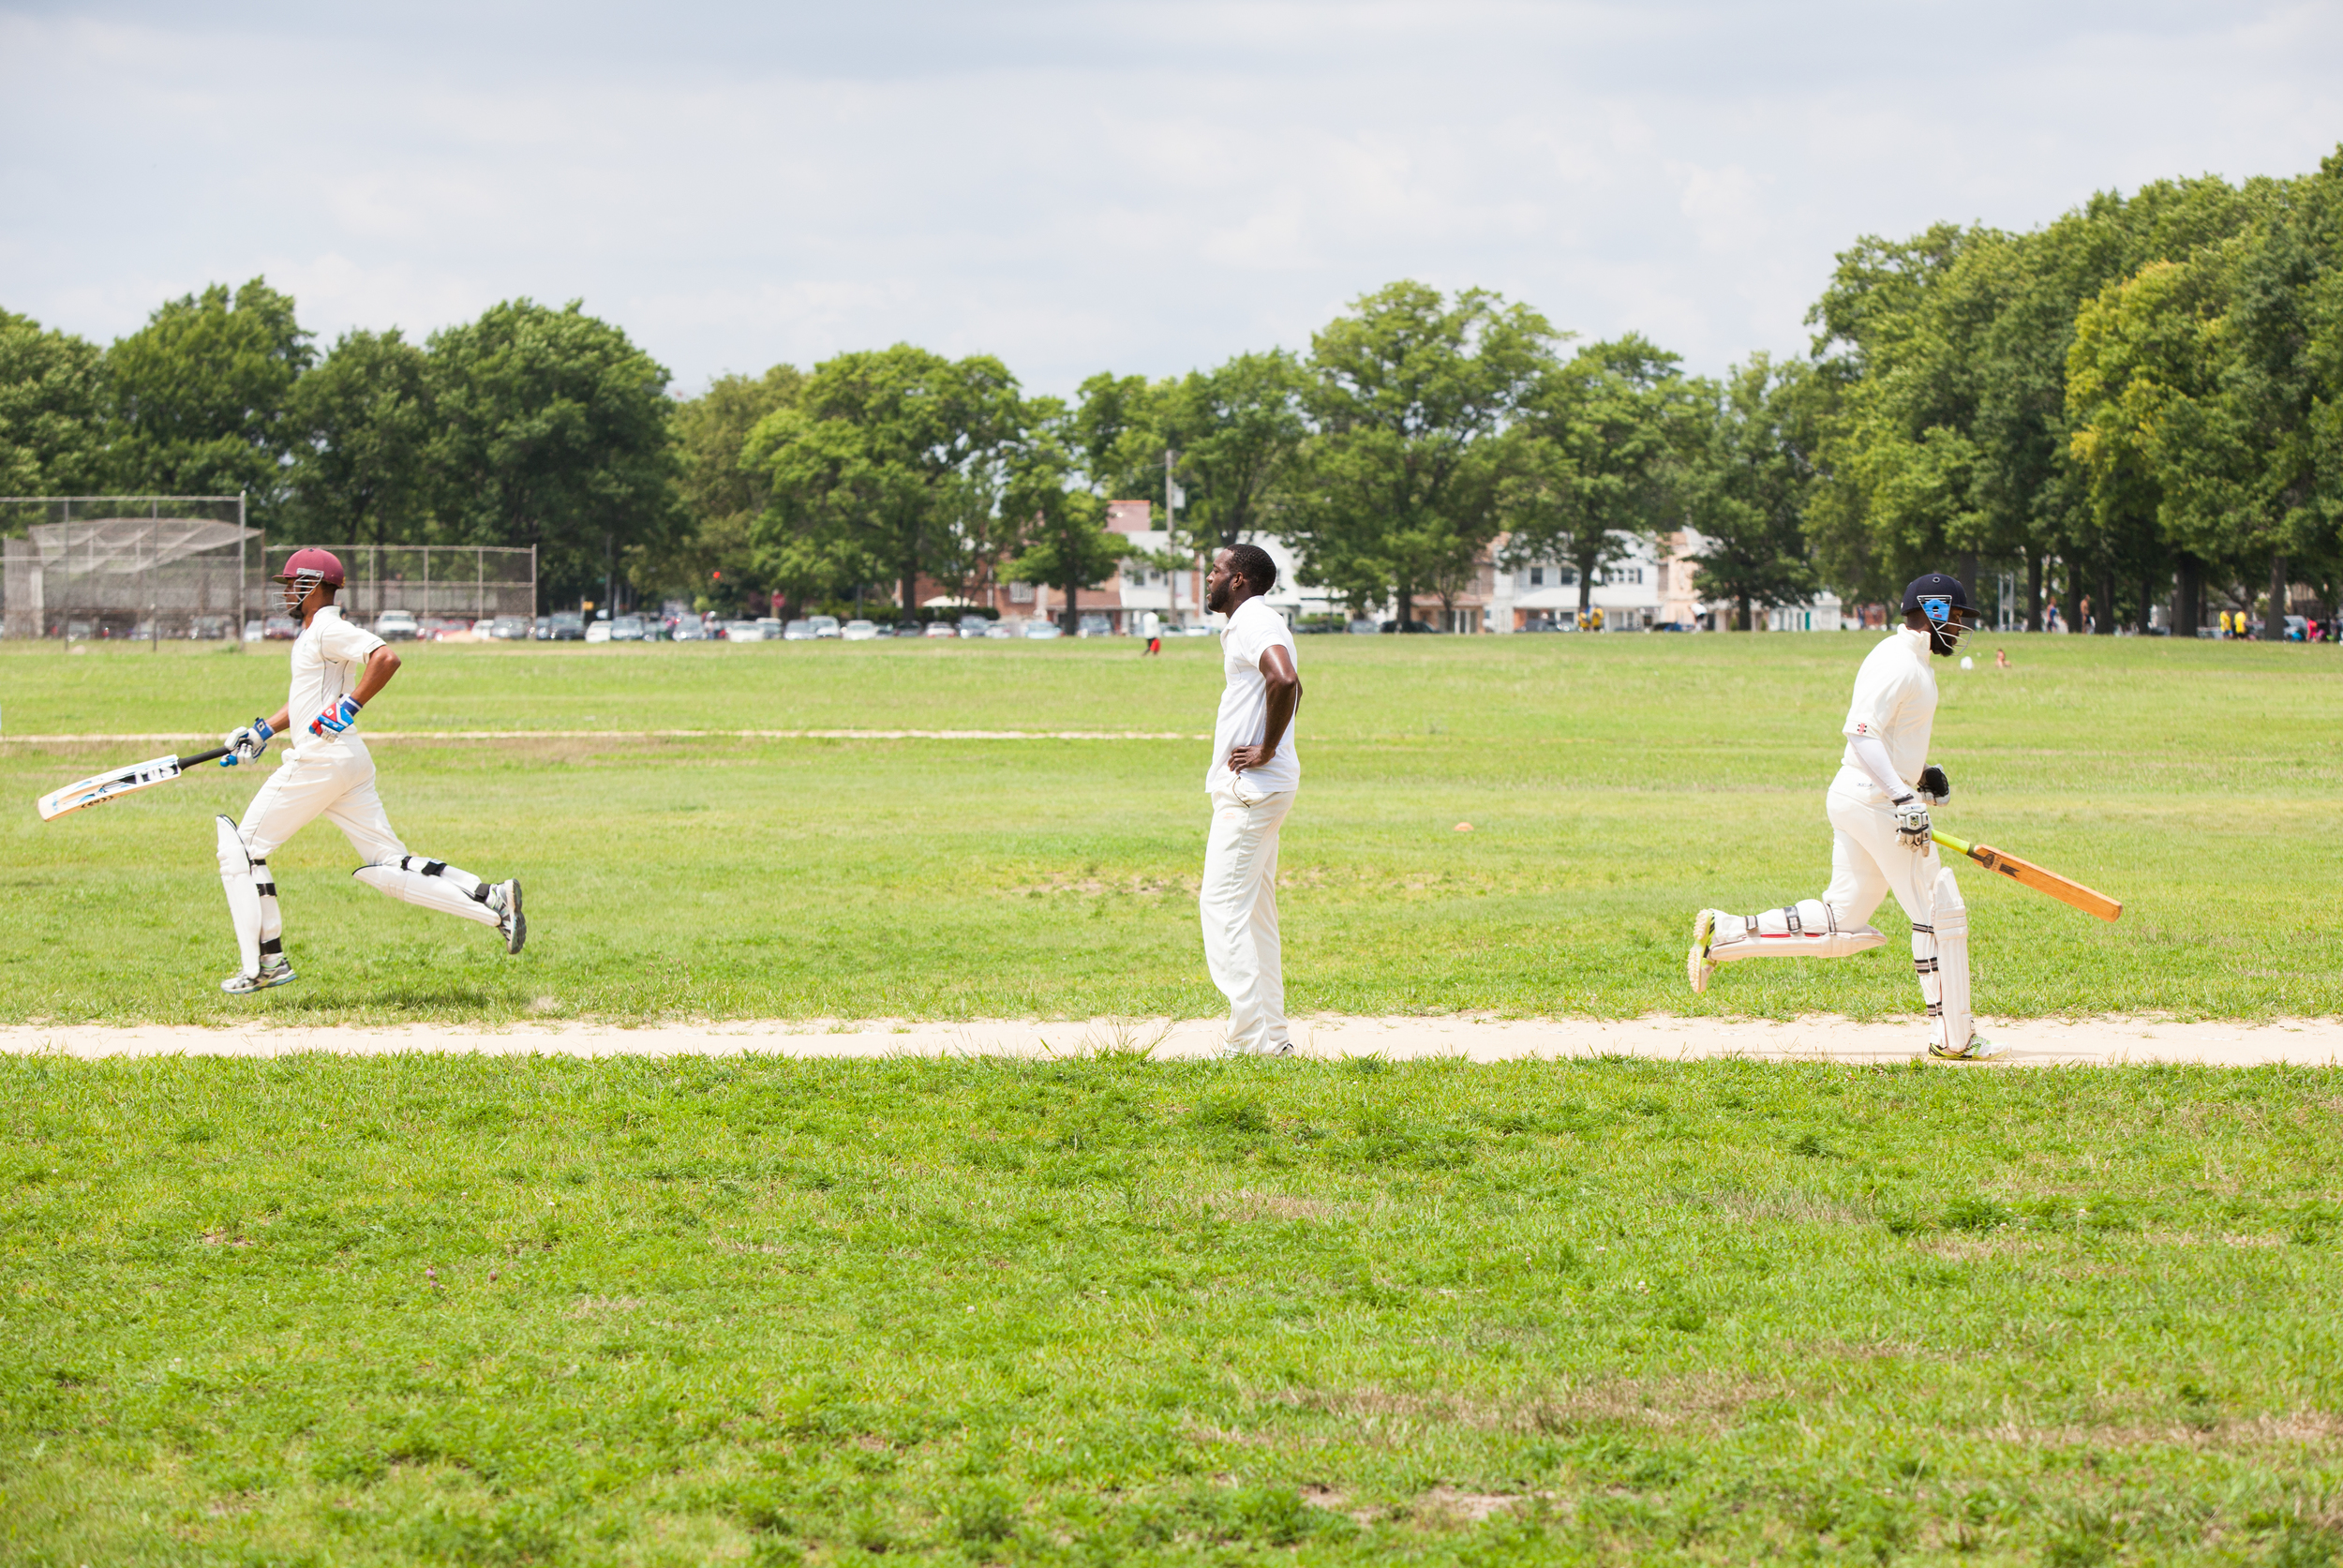 BKLYNR-Cricket-JasonBergman-015.jpg